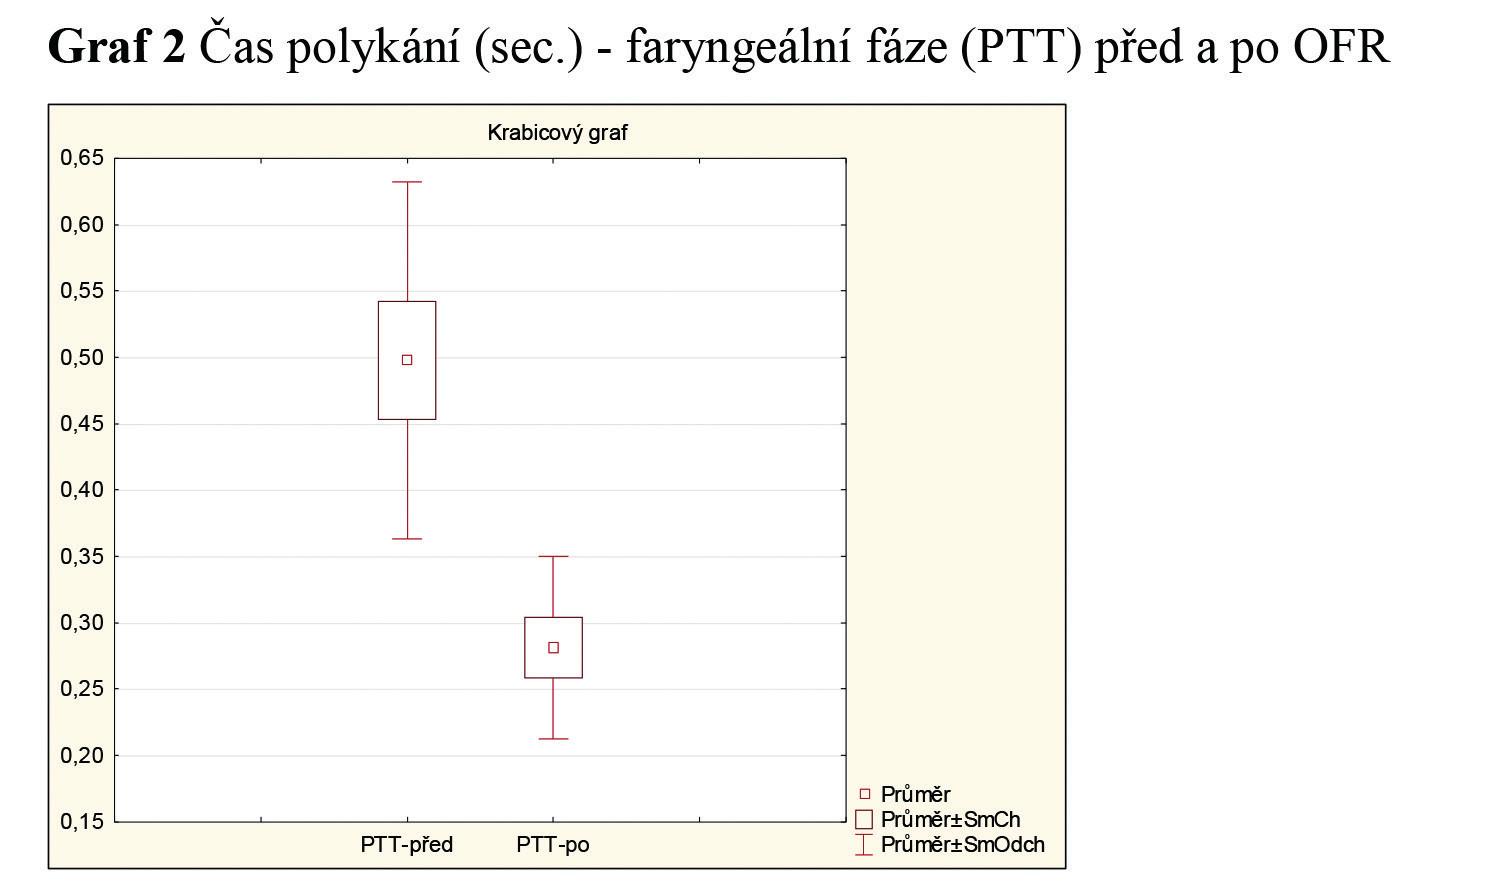 Čas polykání (sec.) - faryngeální fáze (PTT) před a po OFR.